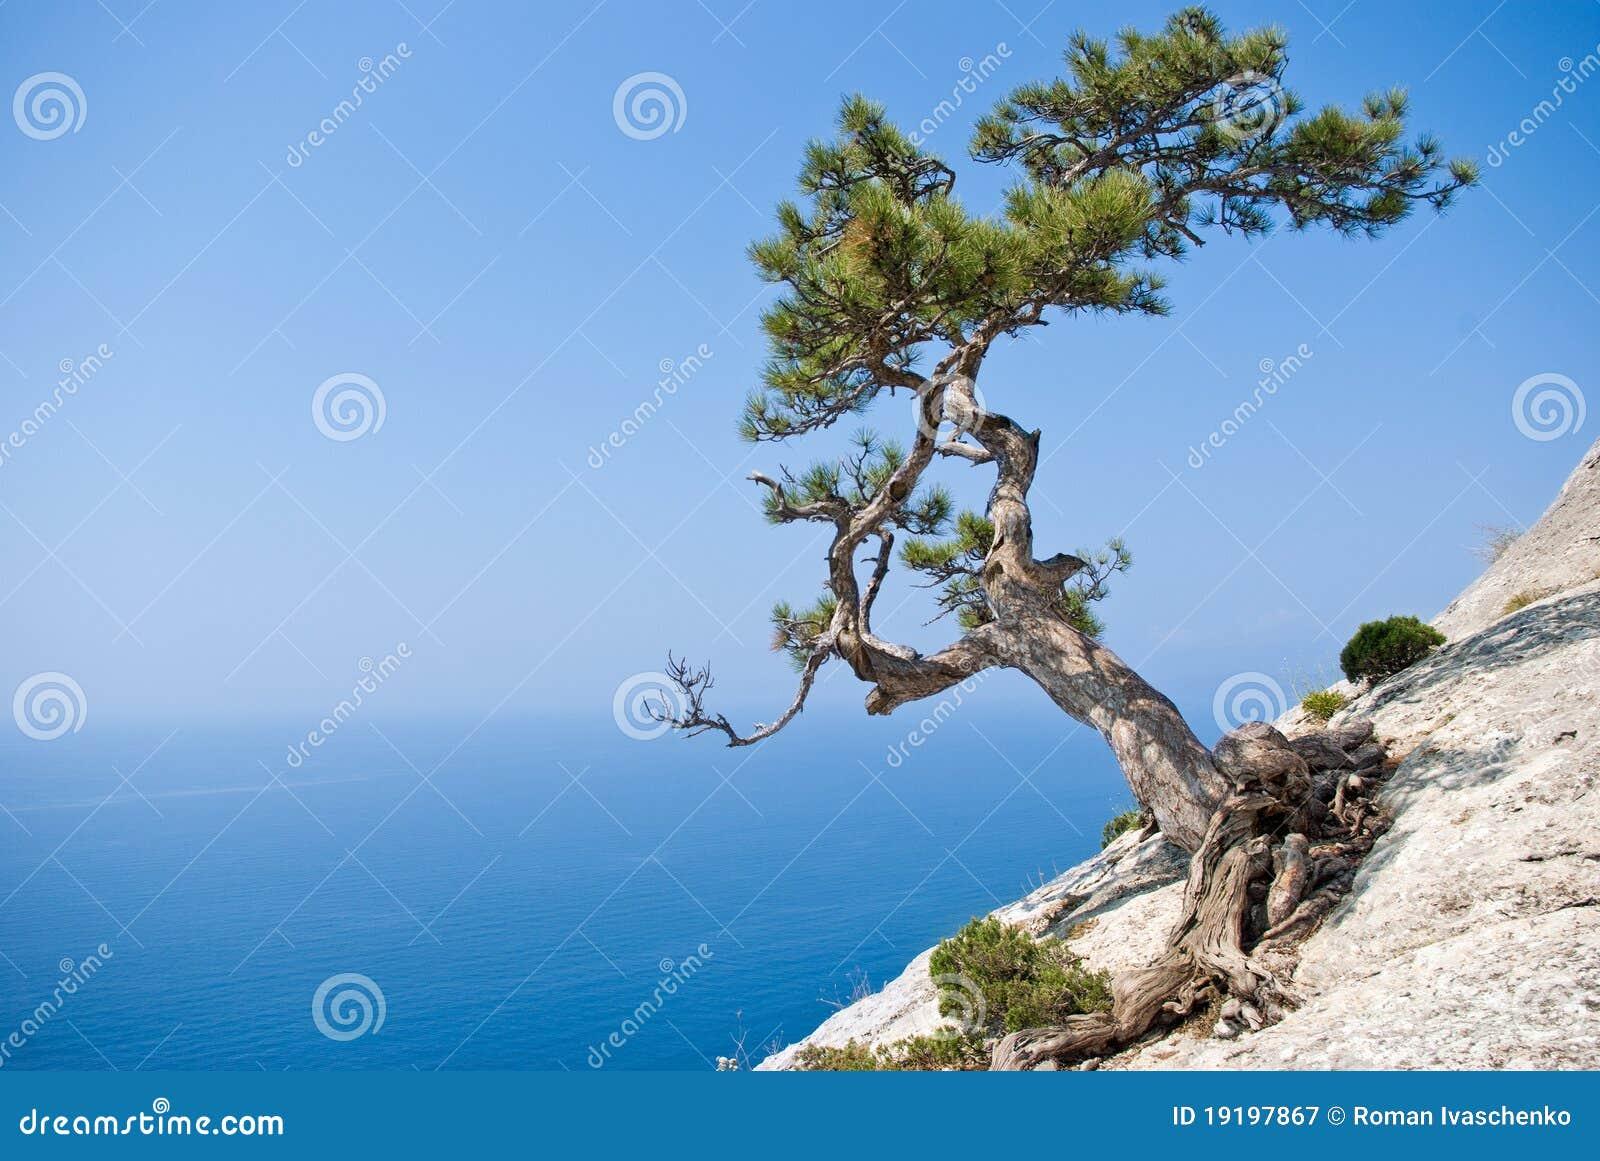 峭壁边缘冷杉孤立结构树